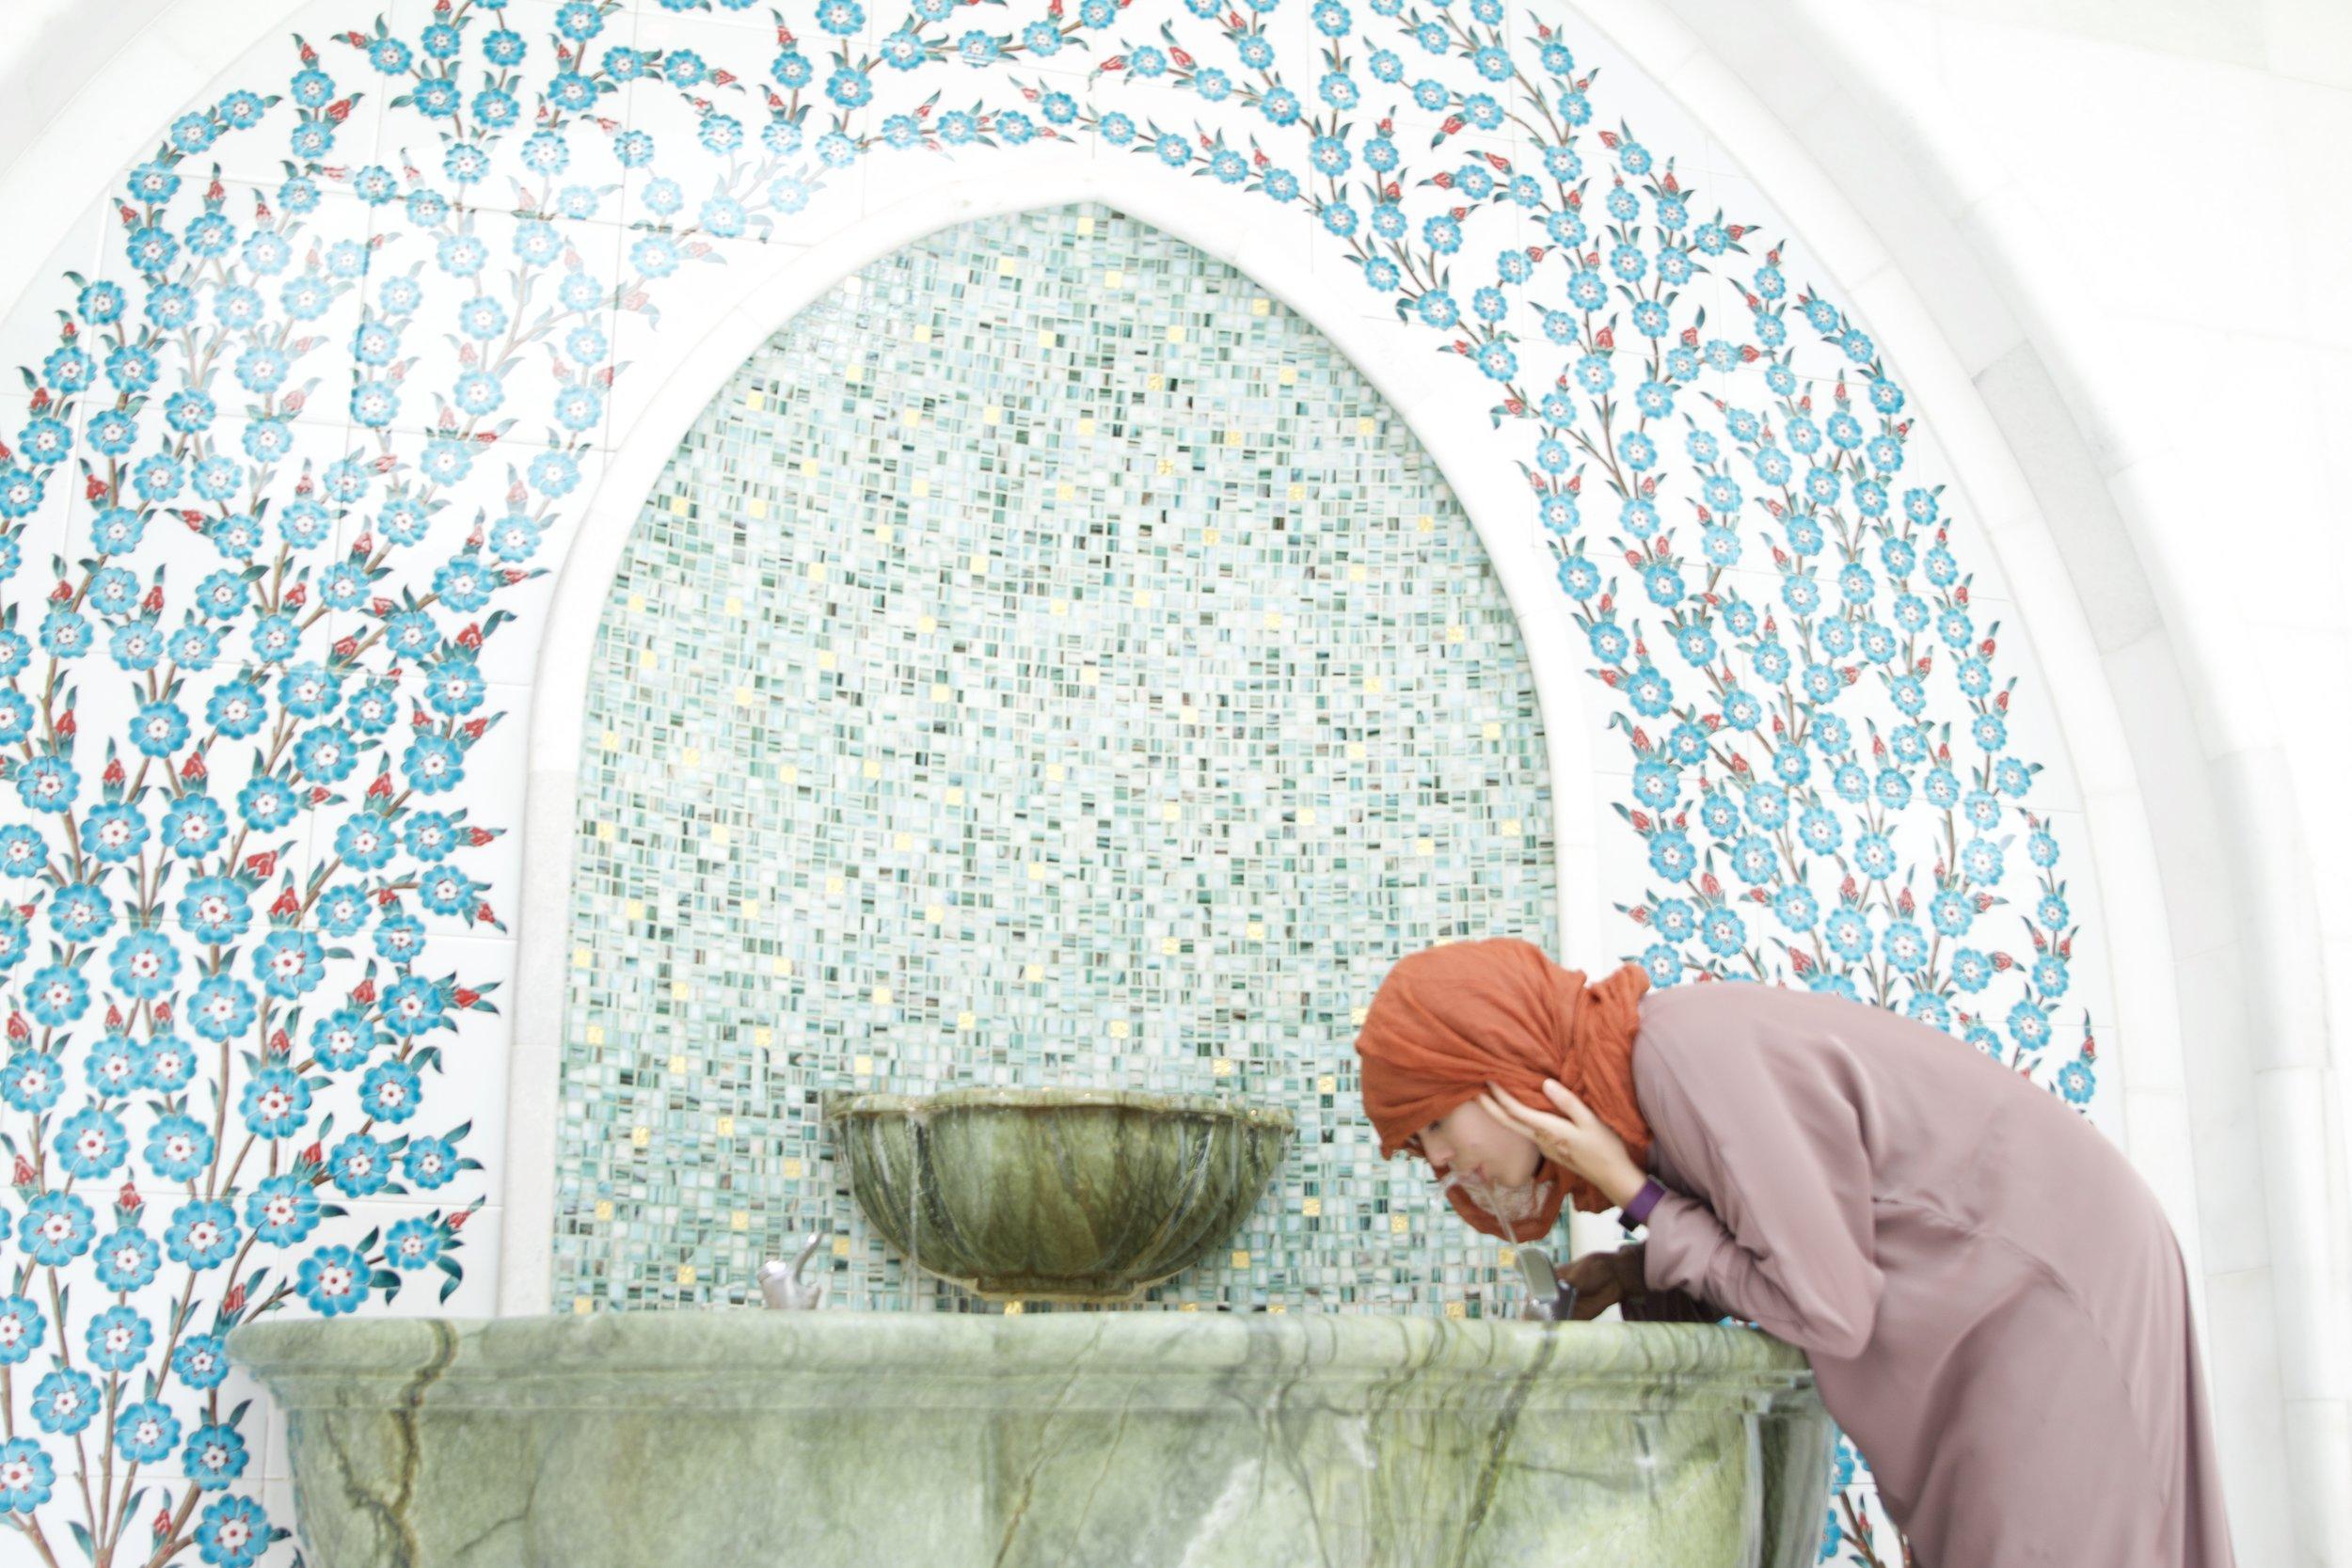 Bathroom fountain at the Abu Dhabi Mosque.